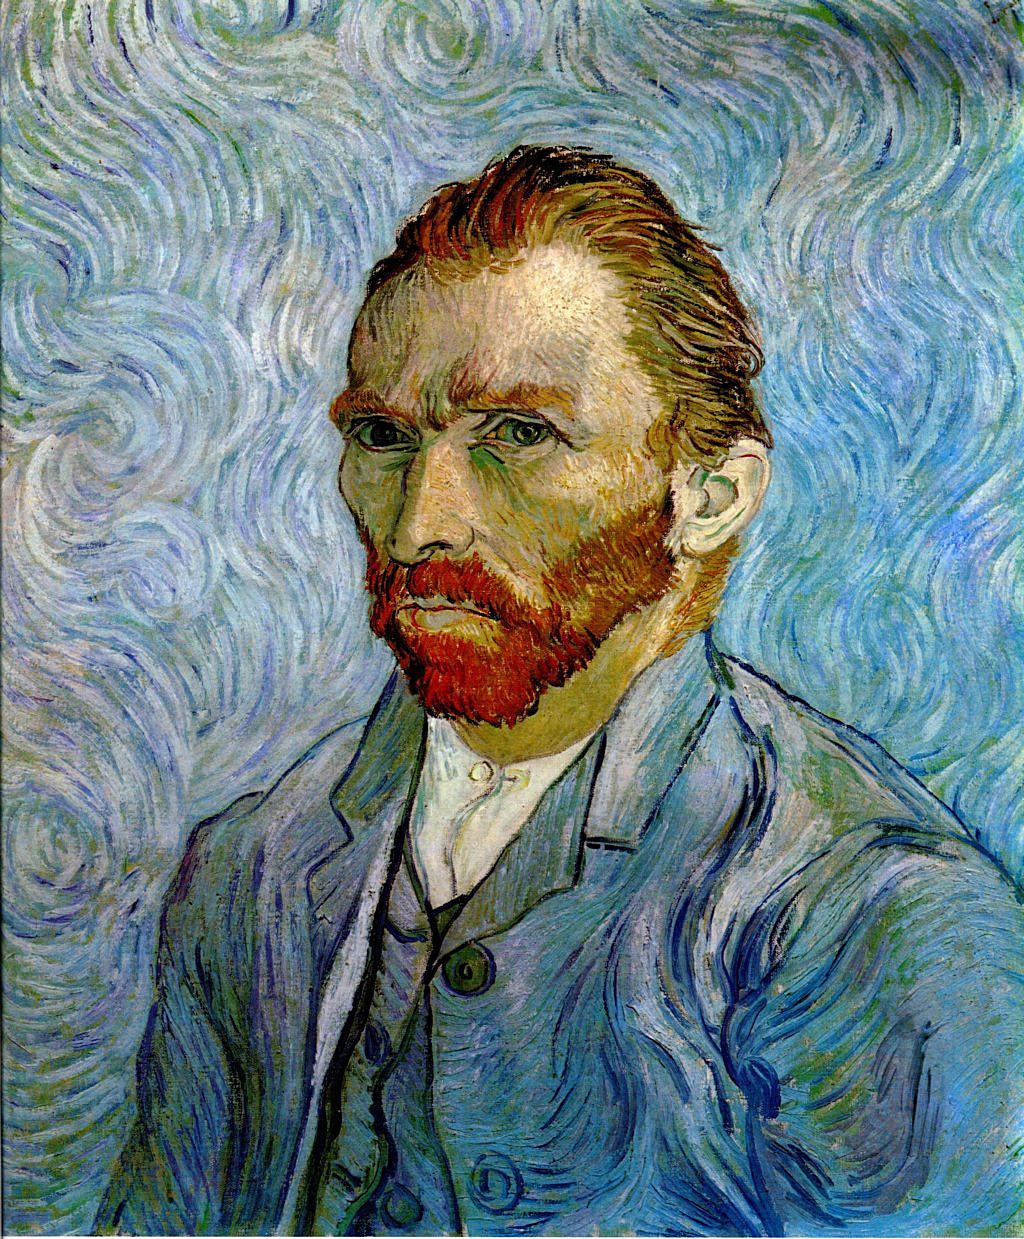 Vincent Van Gogh Backgrounds, Compatible - PC, Mobile, Gadgets| 1024x1239 px